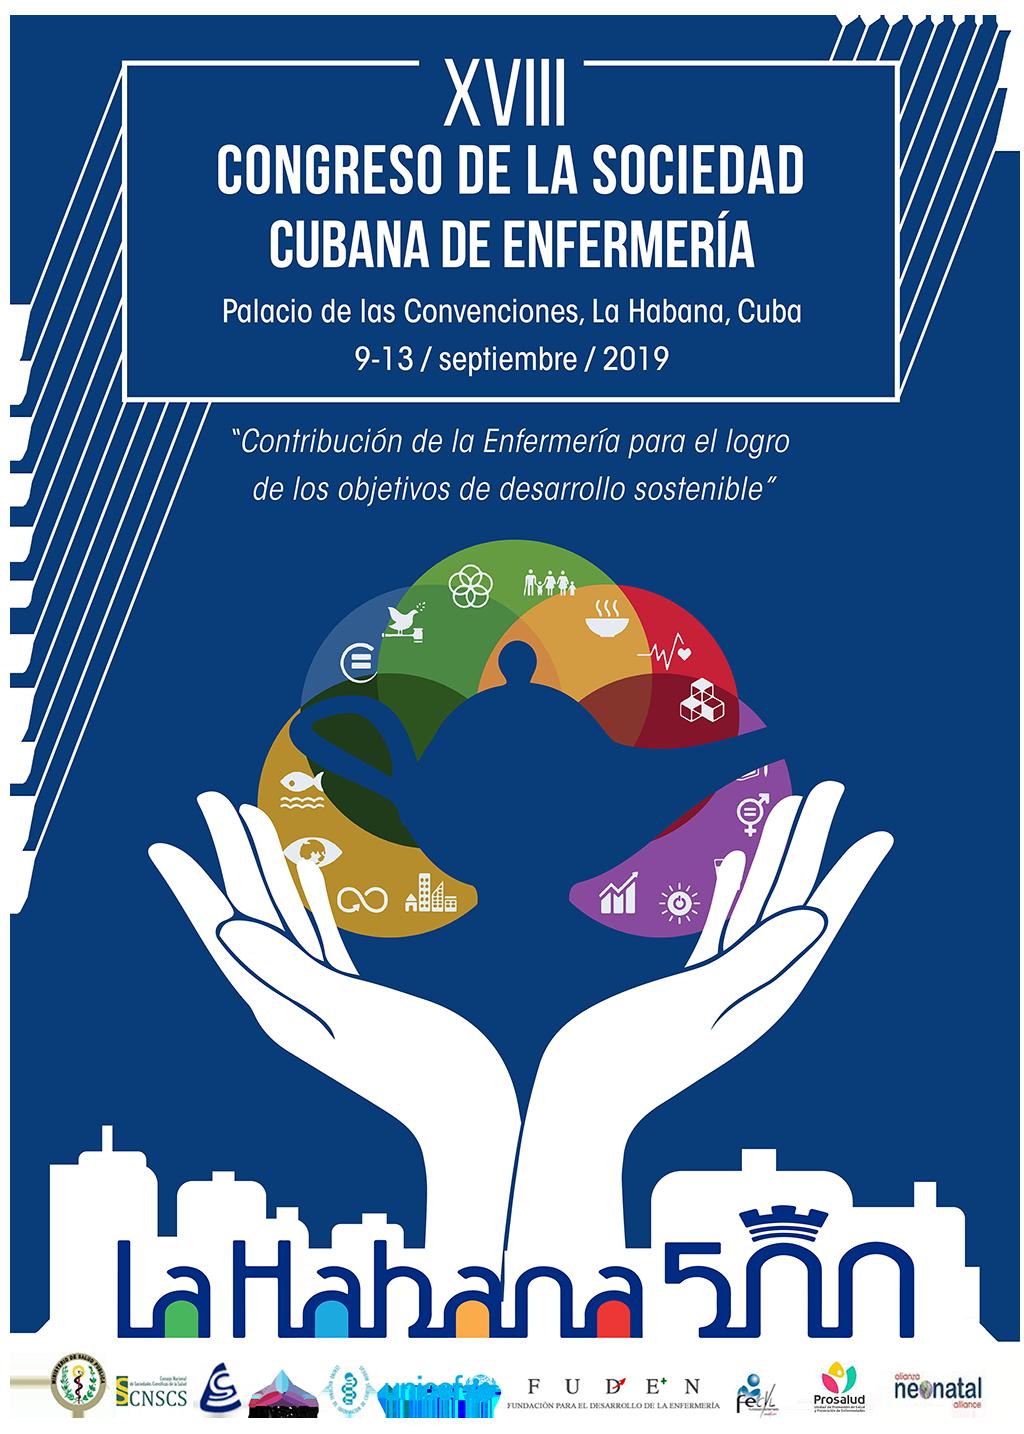 0913-XVIII Congreso de la Sociedad Cubana de Enfermería.png